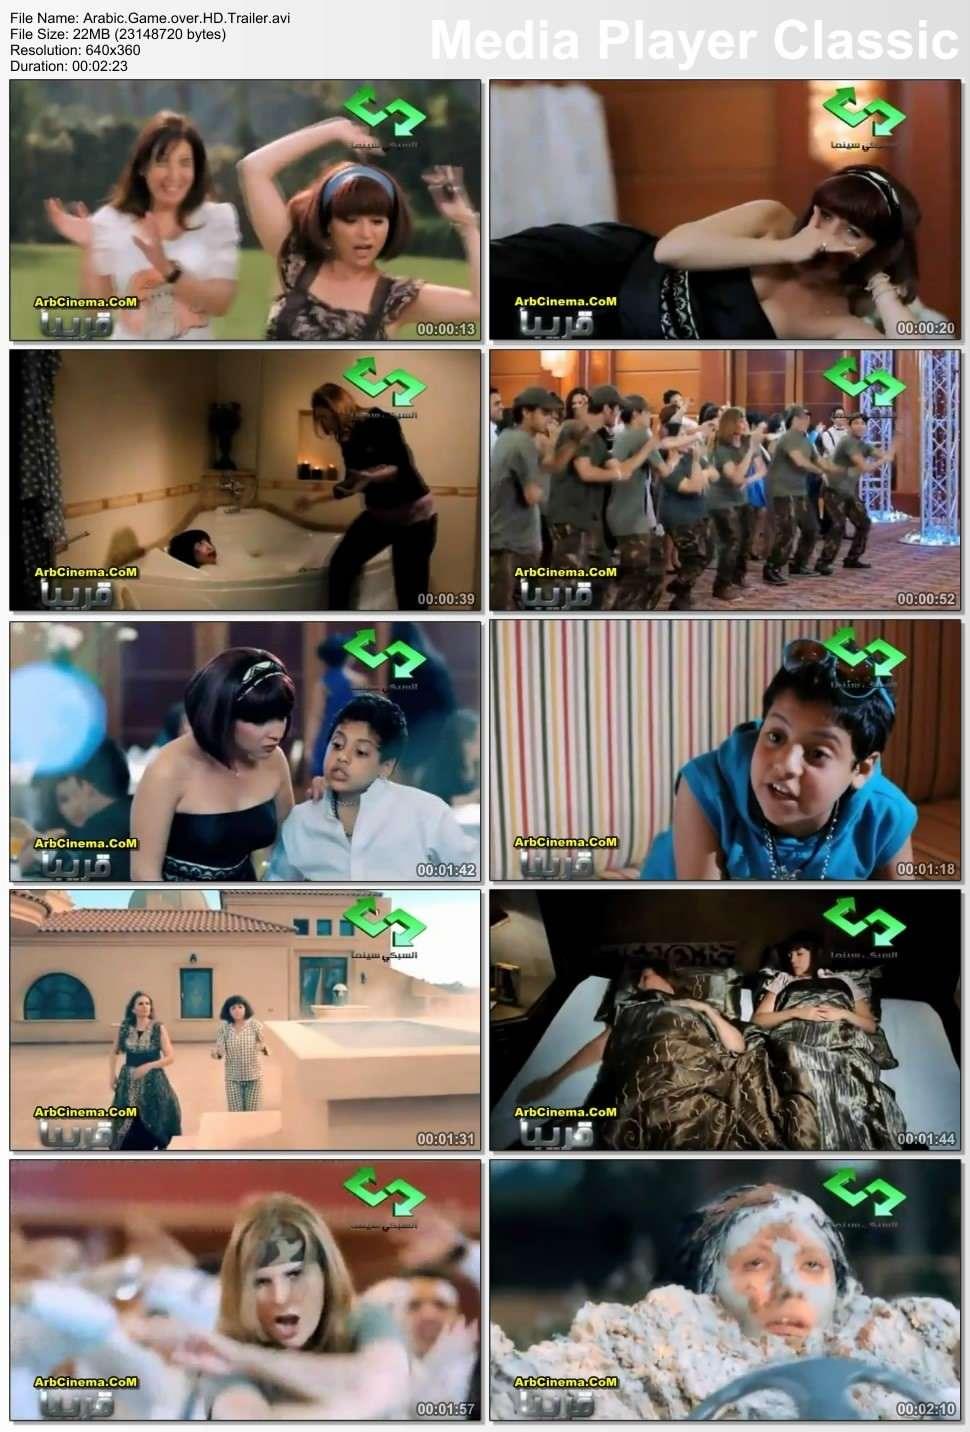 فيلم اوفر 2012 تحميل ومشاهدة thumb127.jpg